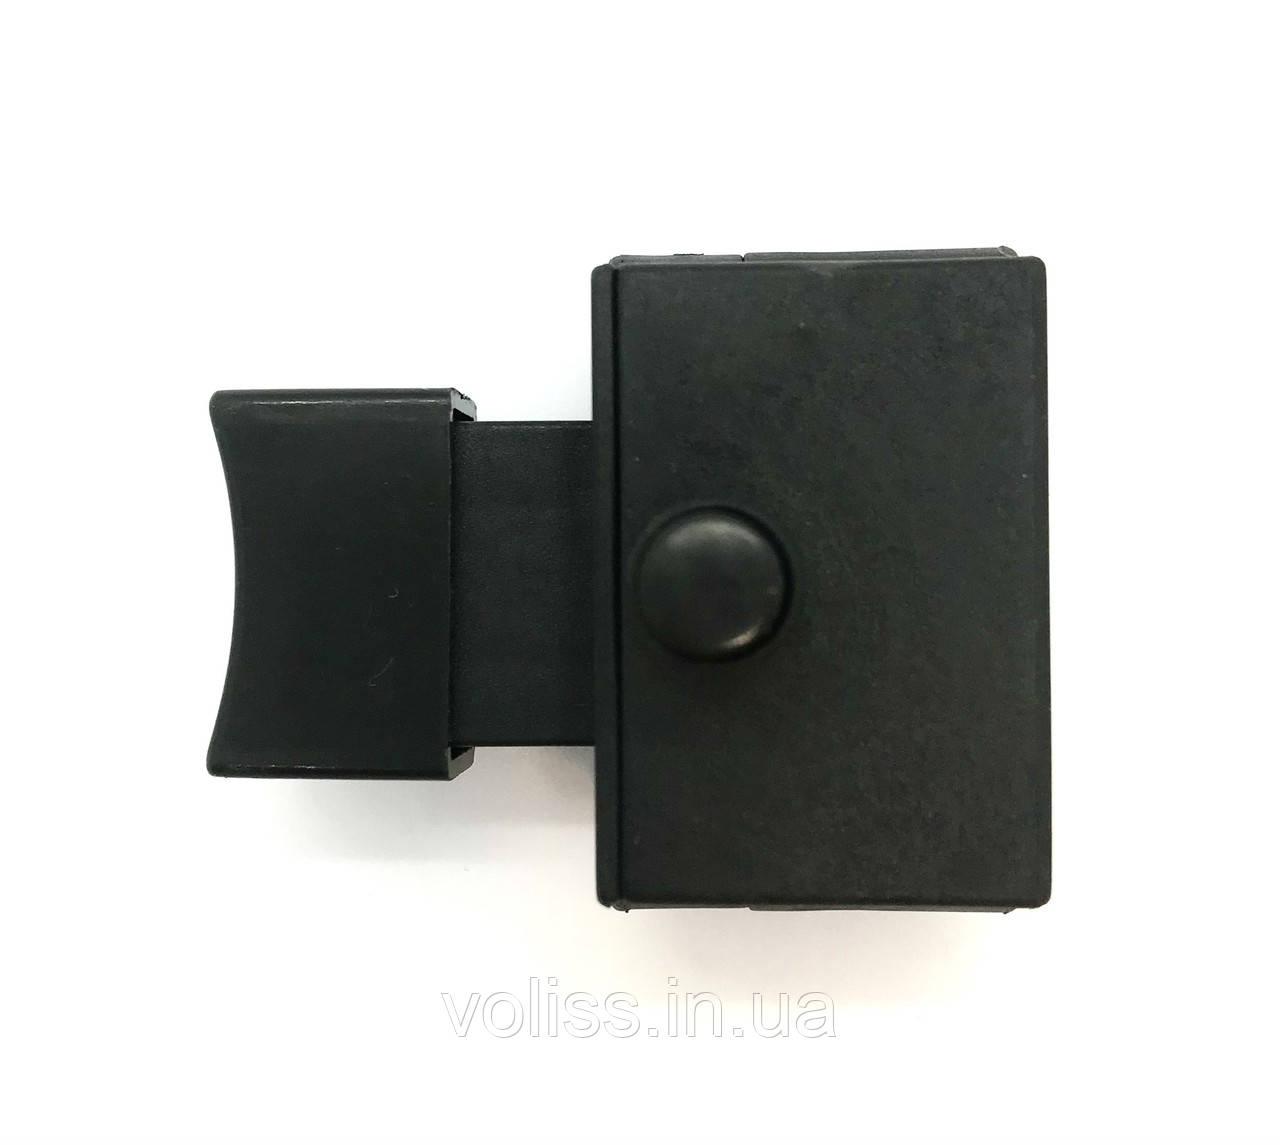 Кнопка для УШМ 125мм DWT c регулюванням обертів кн2